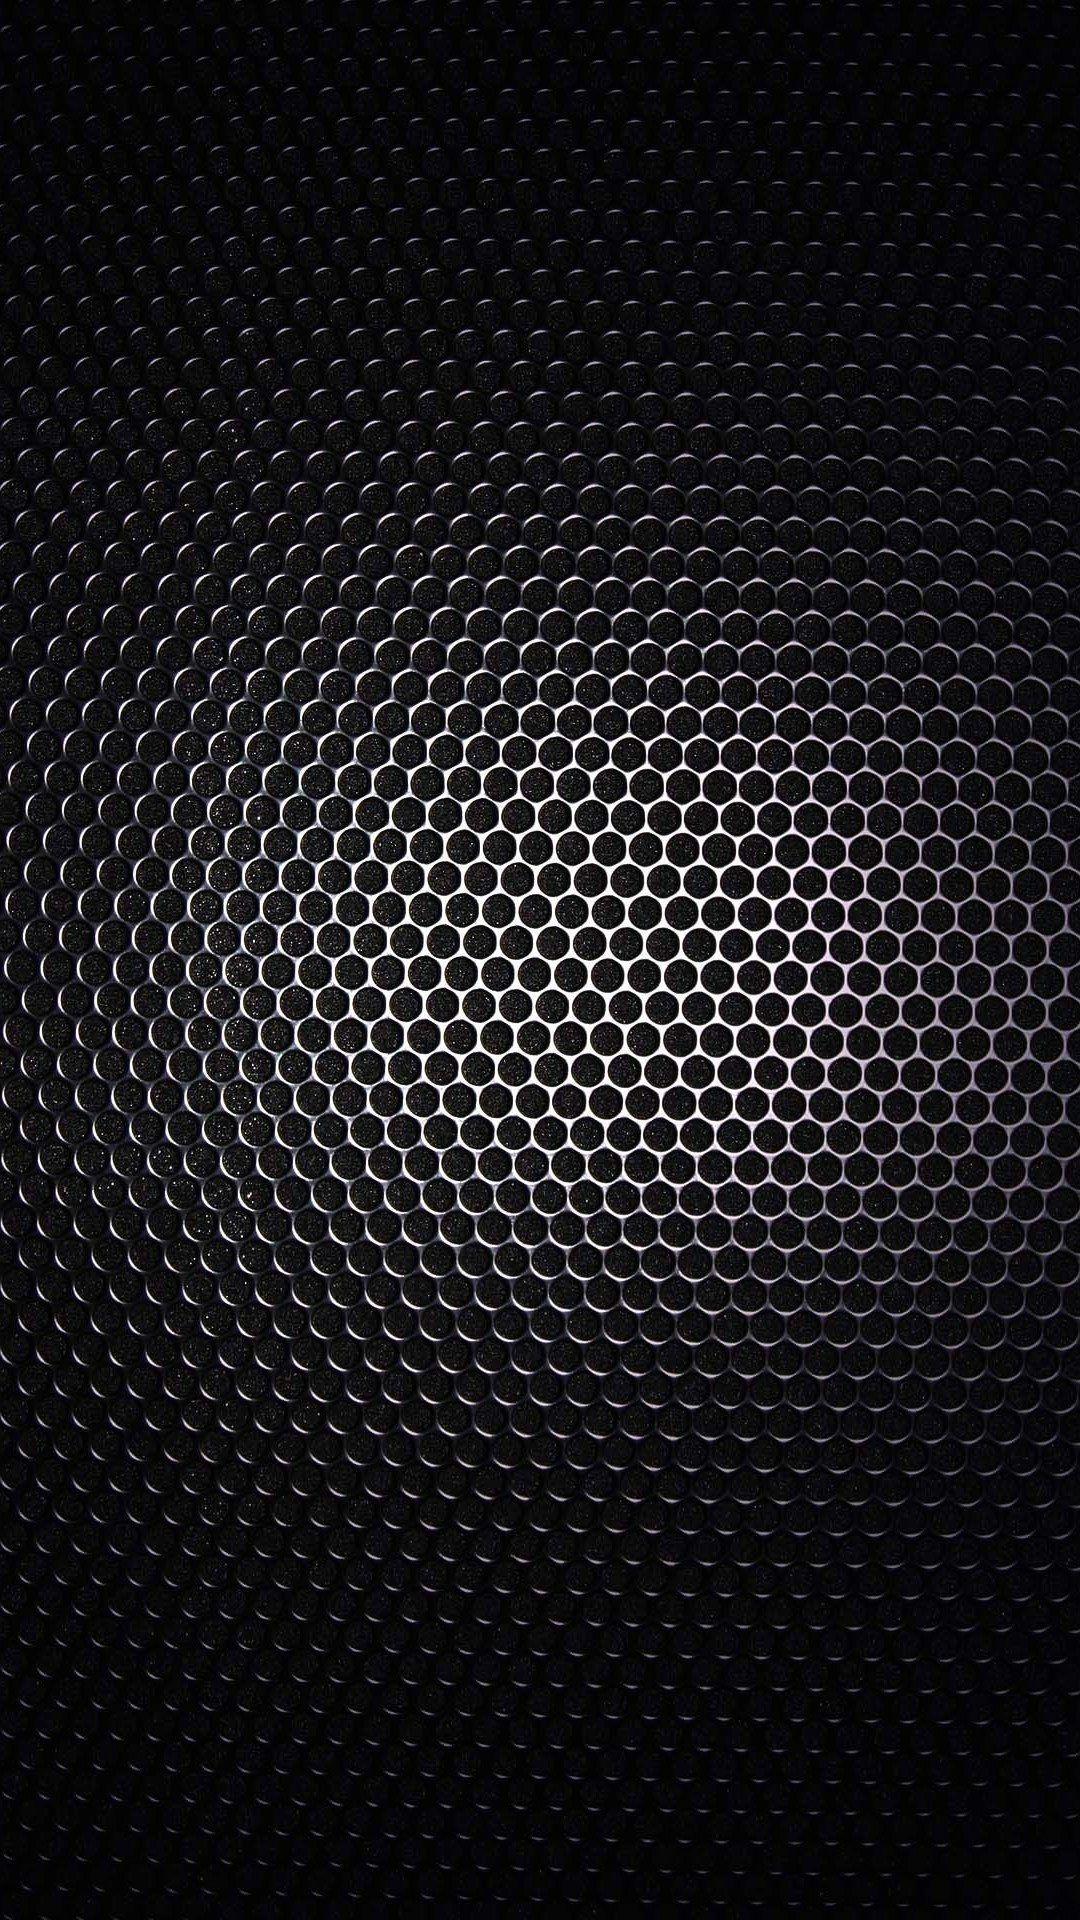 Wallpaper Full Hd X Smartphone Audi Logo X